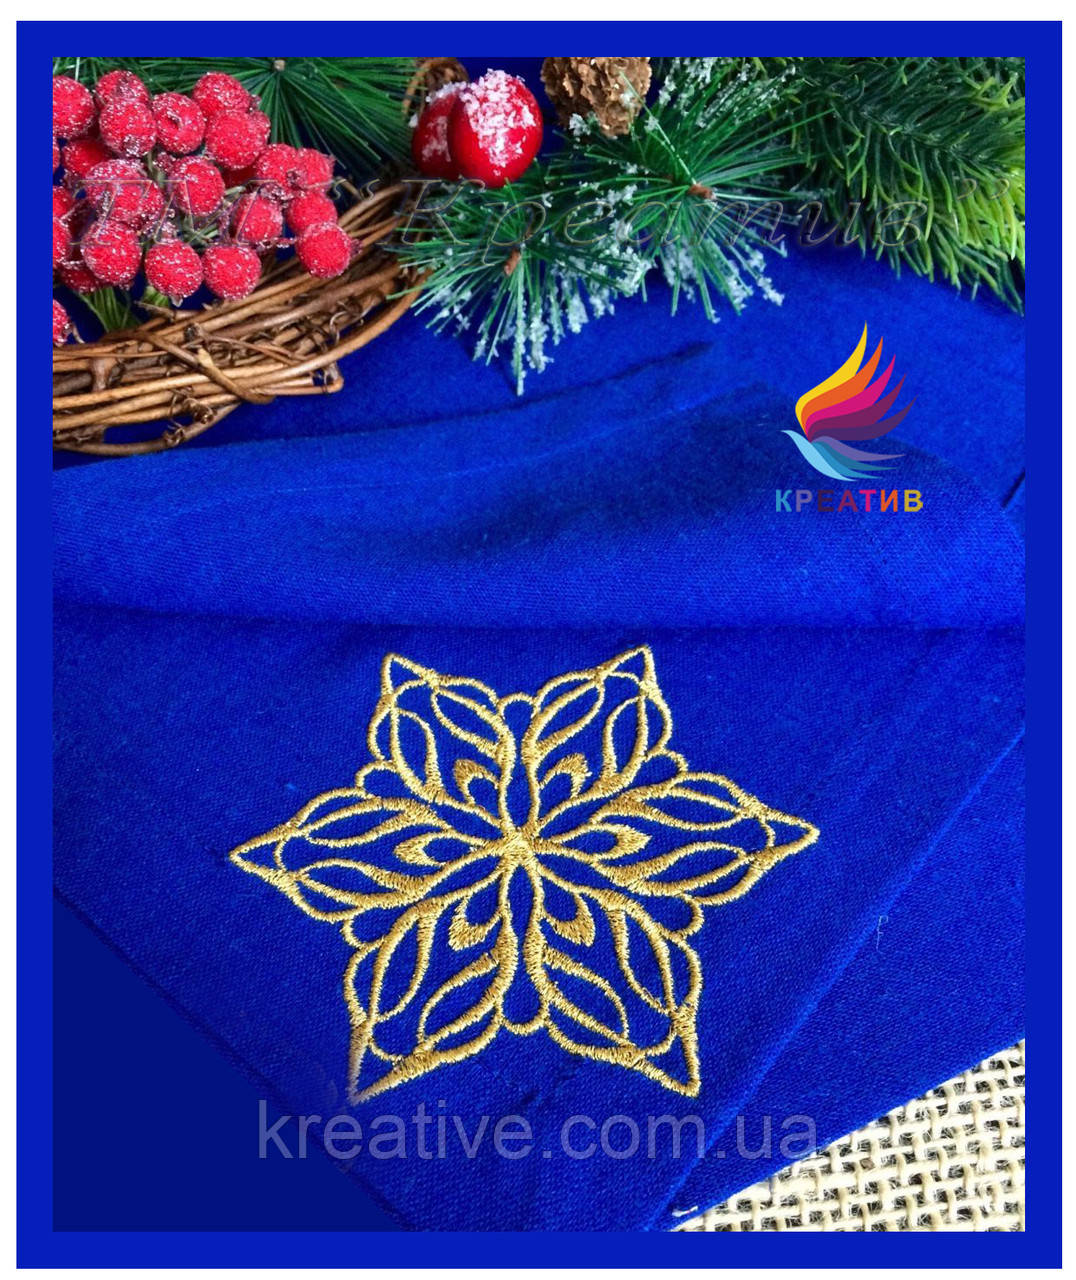 Пледы новогодние под заказ с возможностью нанесения логотипа (от 50 шт.)